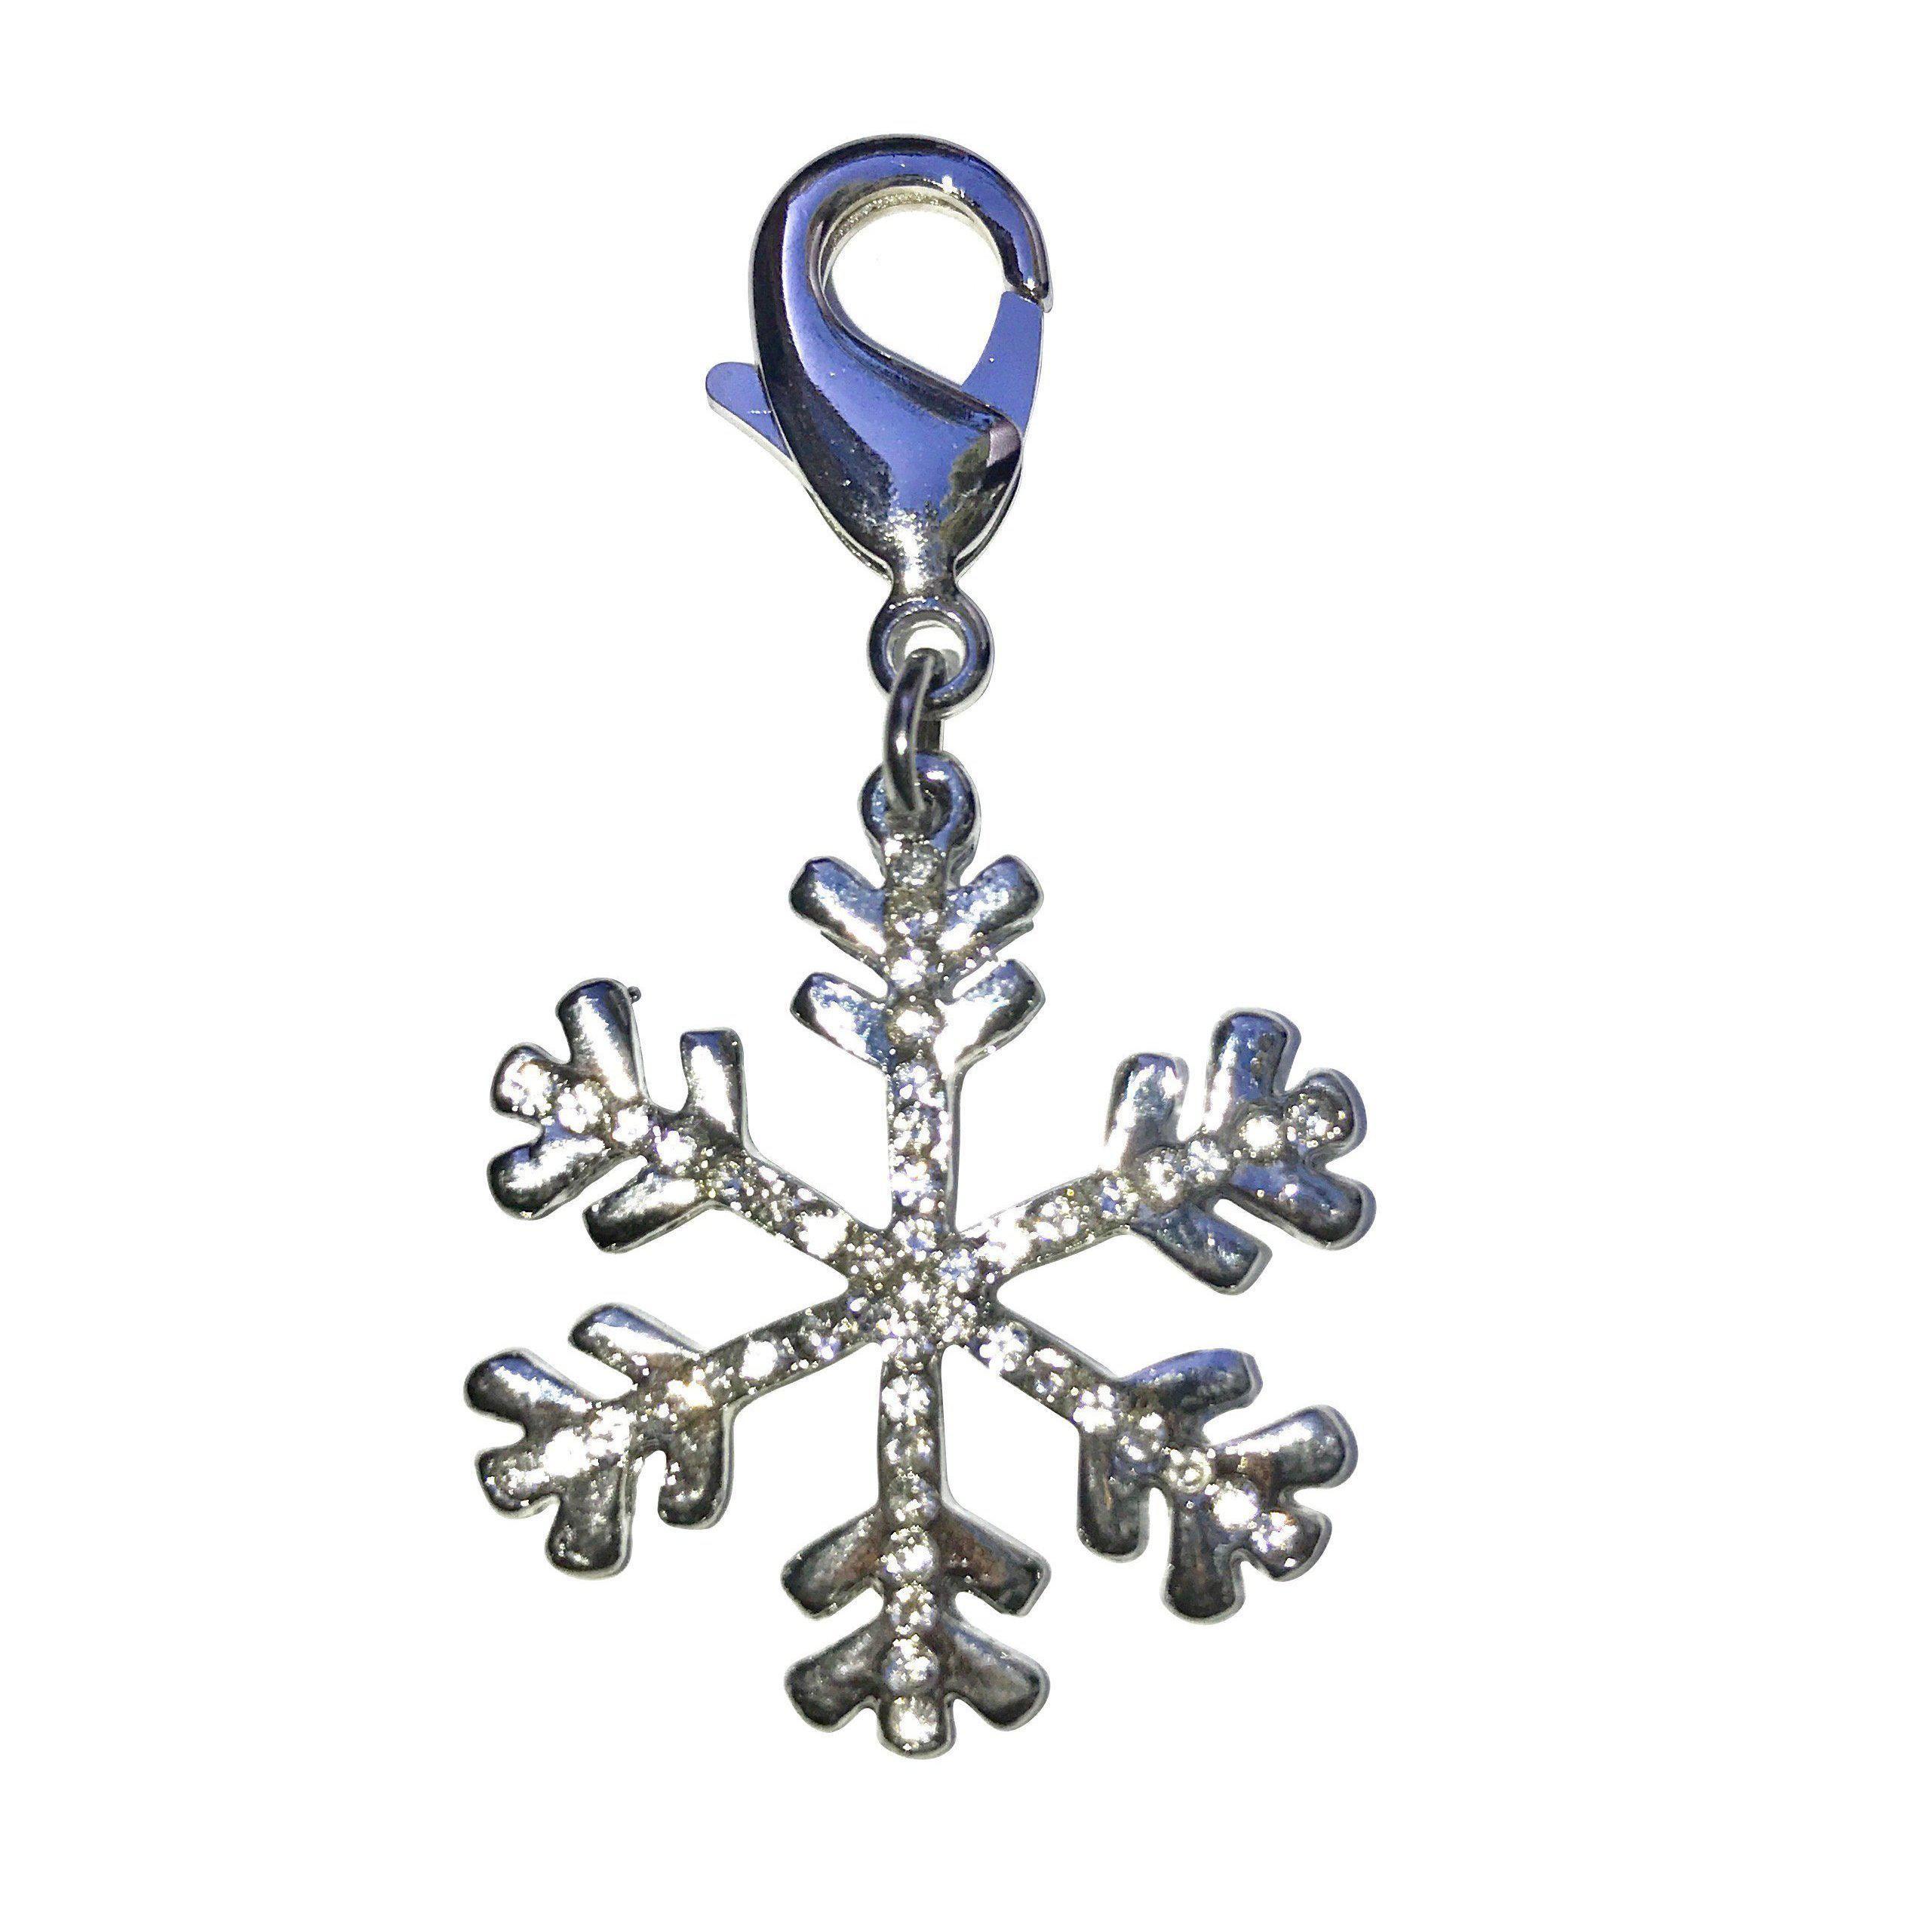 Snowflake Dog Collar Charm